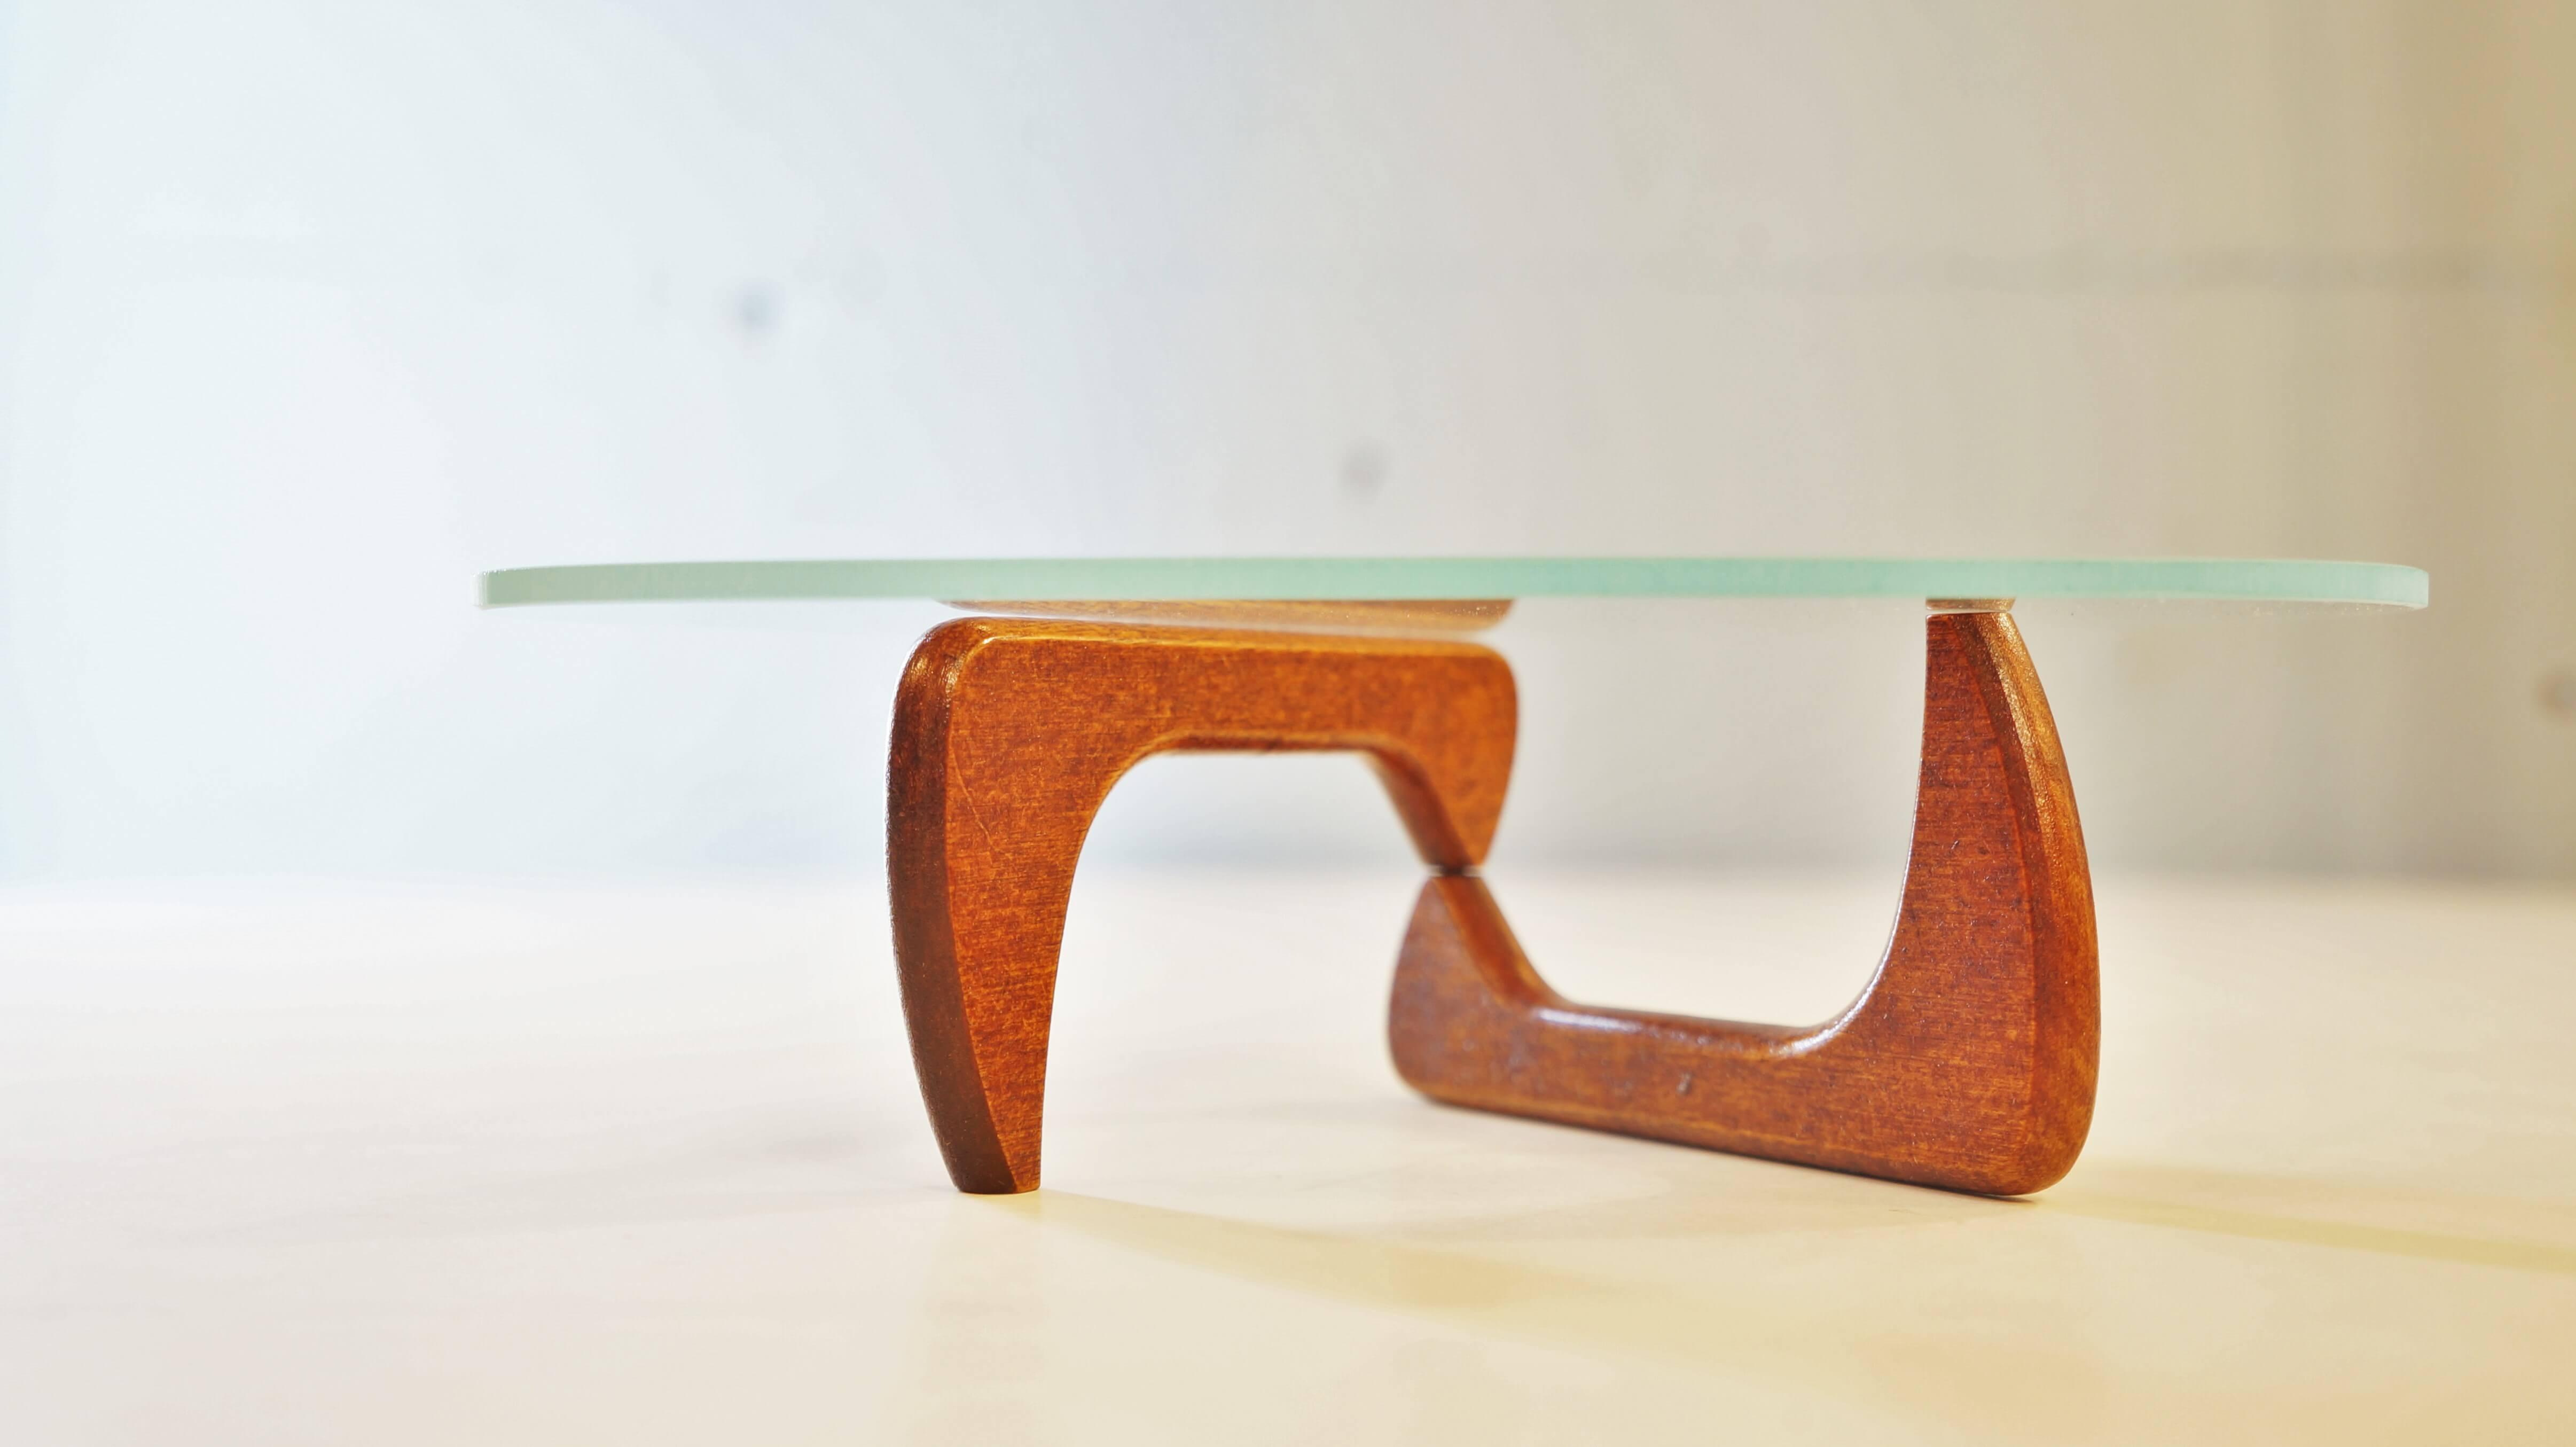 今もなお、世界中を魅了し続ける、デザインテーブルの代名詞、 イサム・ノグチデザインのコーヒーテーブル。 ニューヨーク近代美術館の館長邸にデザインしたテーブルが原型と言われており、 自身の妹の誕生日プレゼント用に製作したというエピソードがあります。 緻密に計算された厚みのあるガラス天板と、滑らかな脚部の組合せは インテリアという枠組みを超えた、彫刻品のような雰囲気があり、 世界を代表する日系アメリカ人彫刻家ならではの、 和の要素を感じられるようなデザイン性に富んだプロダクトです。 なんと、そのミッドセンチュリーの名作がなんとミニチュアに。 こちらは2003年まで正式販売ライセンスを持っていた、ハーマンミラー社製。 ノベルティだったものなので、なかなか流通していないレアなアイテムです。 さすがはハーマンミラー製、細部まで本物を忠実に再現しています。 憧れのコーヒーテーブルが卓上で楽しめます。 イサムノグチのデザインがお好きな方、 ミッドセンチュリー時代のインテリアがお好きな方、 本物のテーブルが欲しいけどなかなか手が出ないという方、 不朽の名作をぜひミニチュアサイズでもお楽しみください♪ ~【東京都杉並区阿佐ヶ谷北アンティークショップ 古一/ZACK高円寺店】 古一/ふるいちでは出張無料買取も行っております。杉並区周辺はもちろん、世田谷区・目黒区・武蔵野市・新宿区等の東京近郊のお見積もりも!ビンテージ家具・インテリア雑貨・ランプ・USED品・ リサイクルなら古一/フルイチへ~